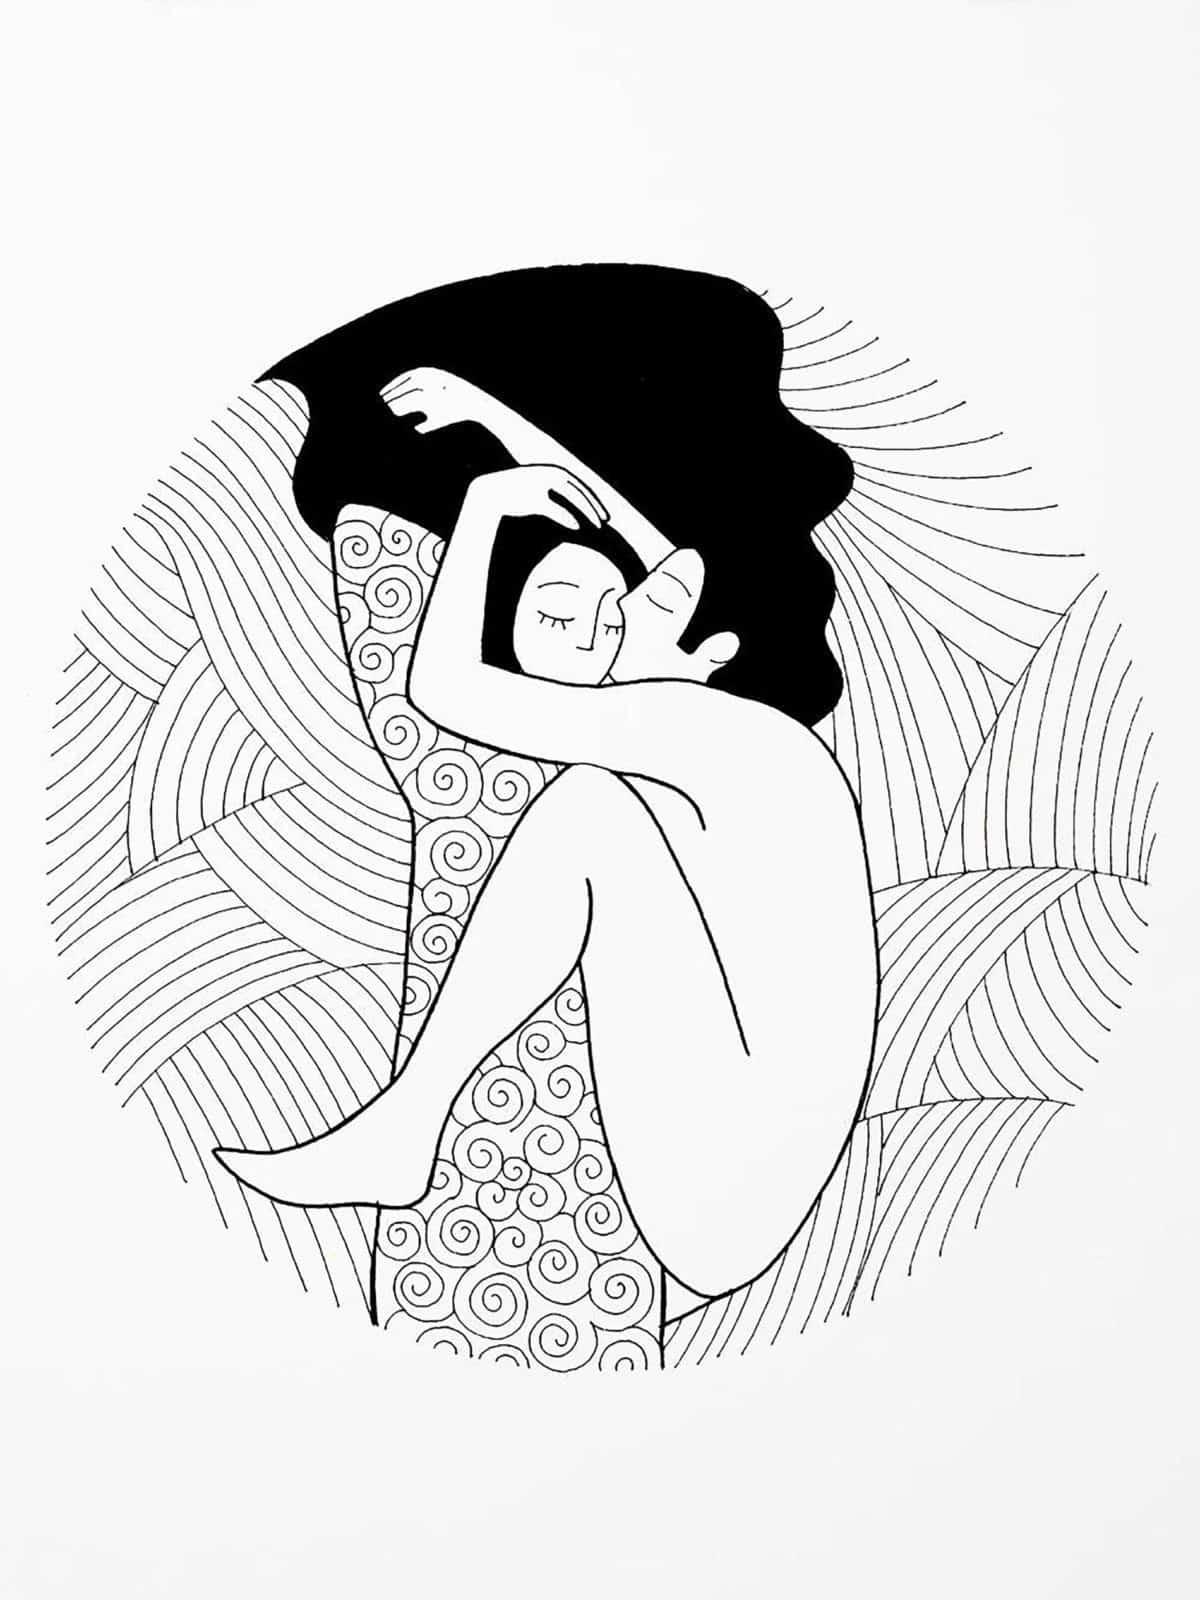 illustrazione amore John Lennon Yoko Ono